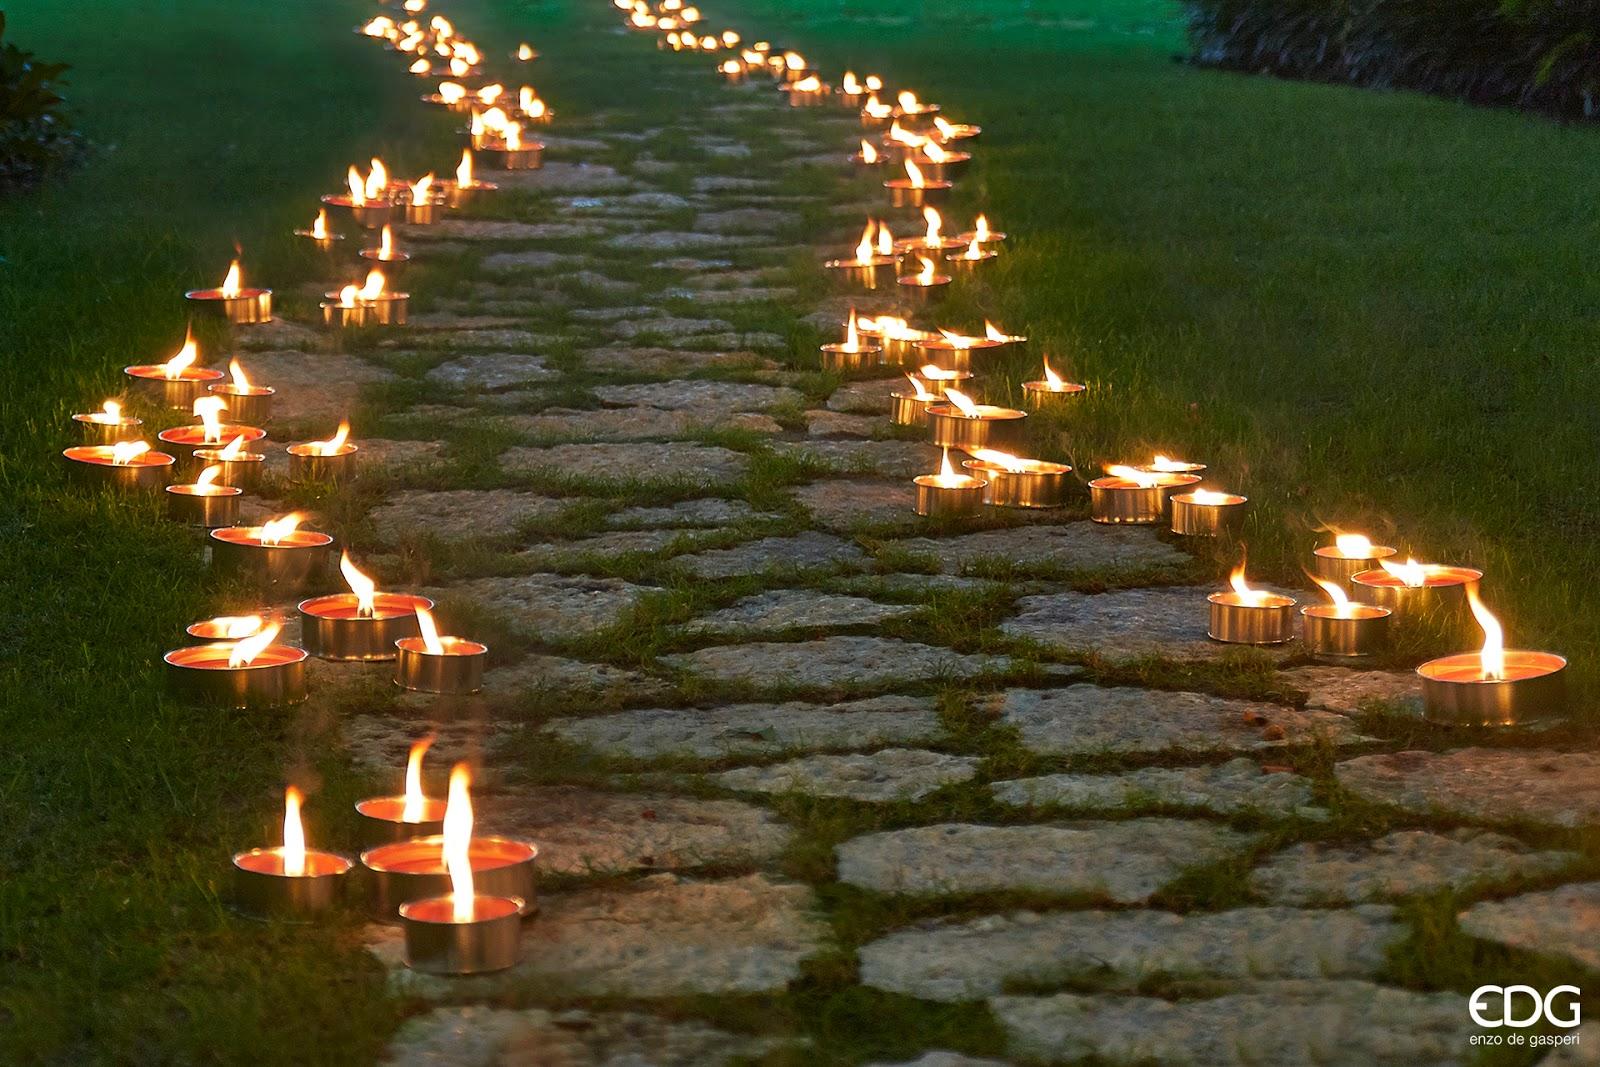 Candele Da Esterno Roma : Unico candela roma autobus le migliori idee per la casa re